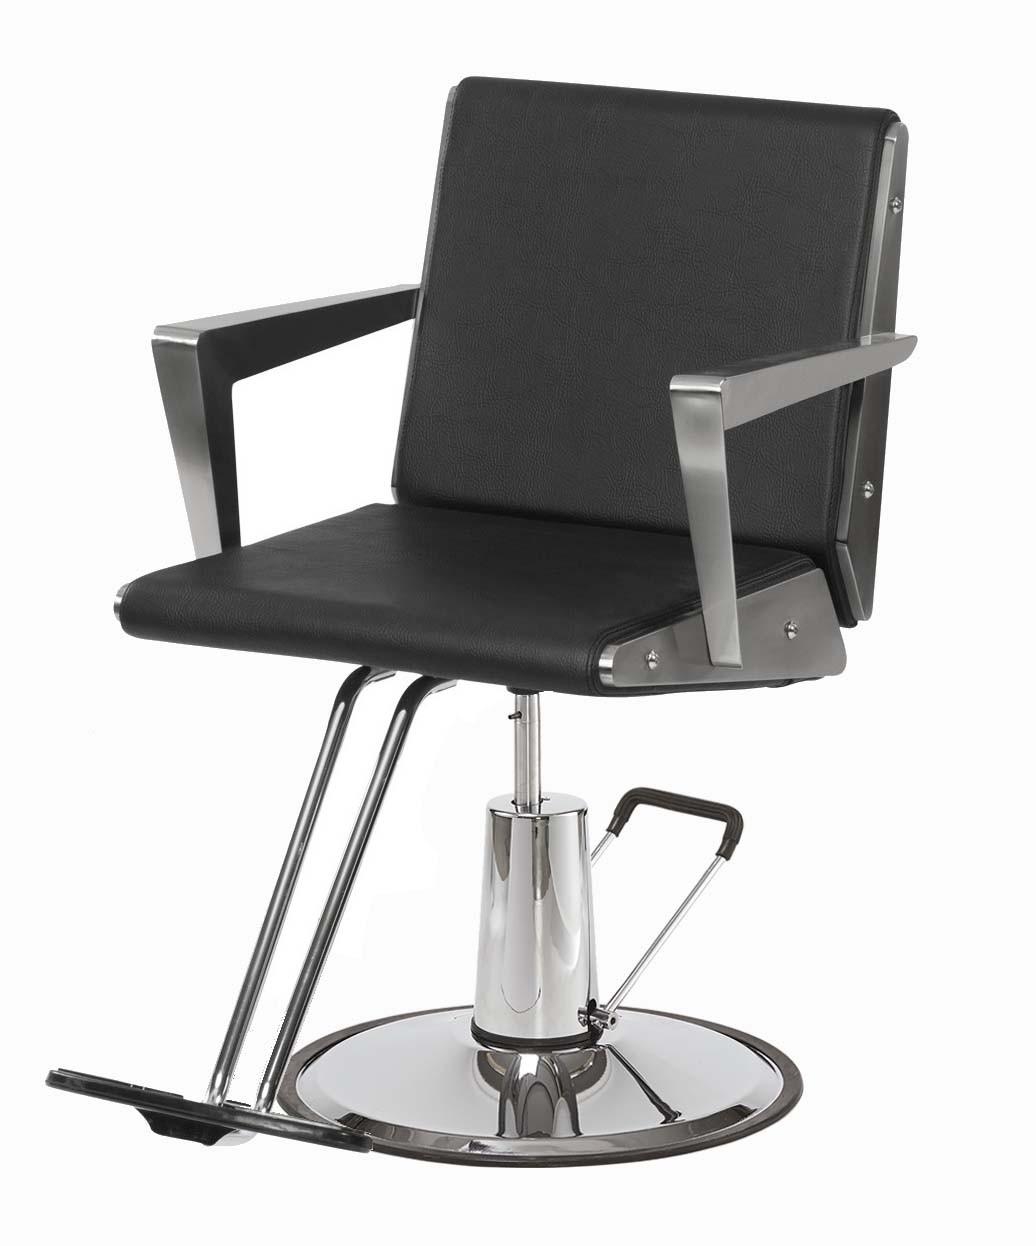 Black Salon Chair Covers salon chair cover salon chair